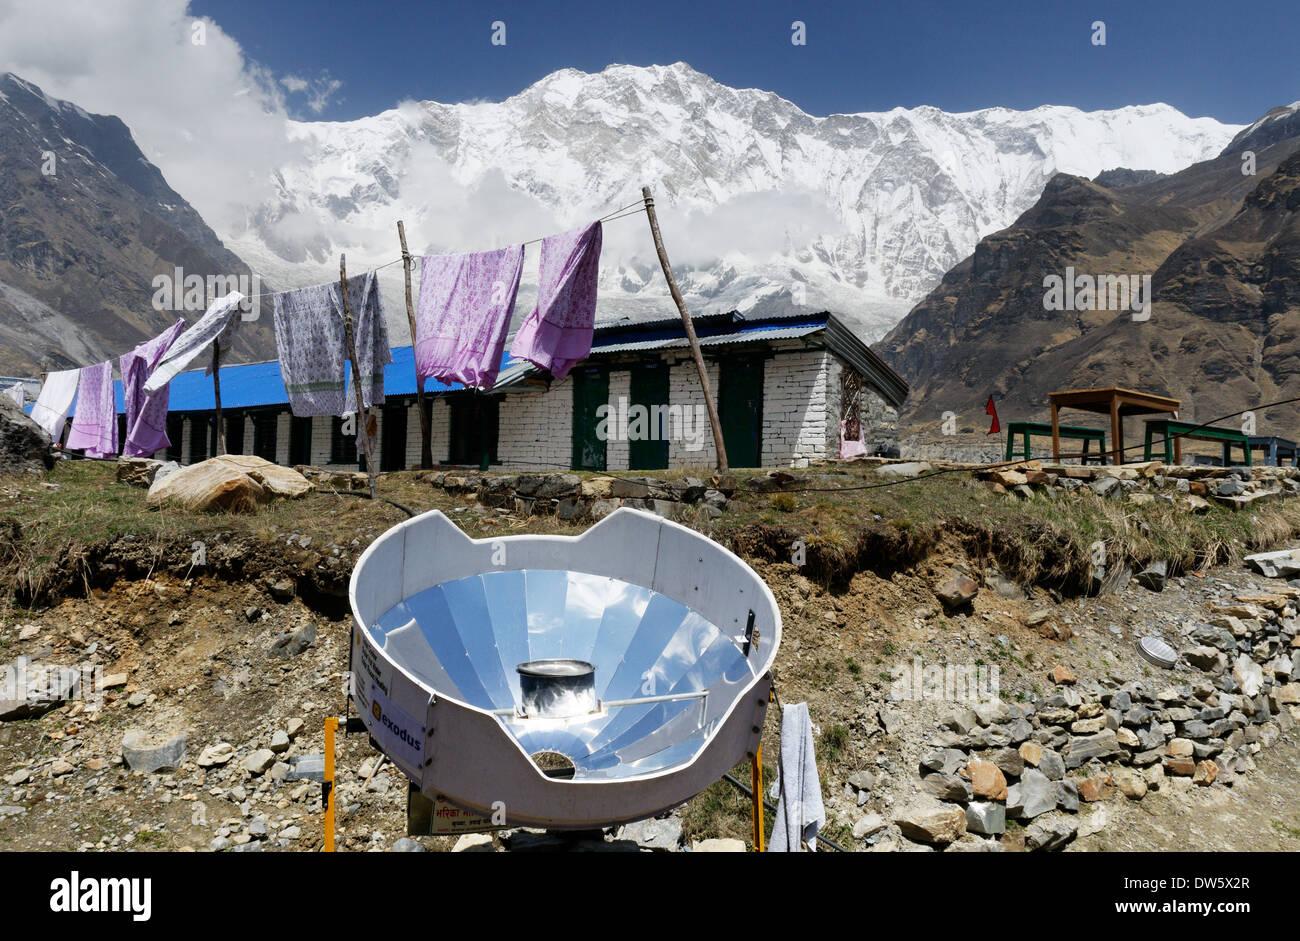 Ein Parabolspiegel zur Erwärmung von Wasser in Nepal, verwendet als Alternative zu schneiden und die Verbrennung von Holz Stockbild